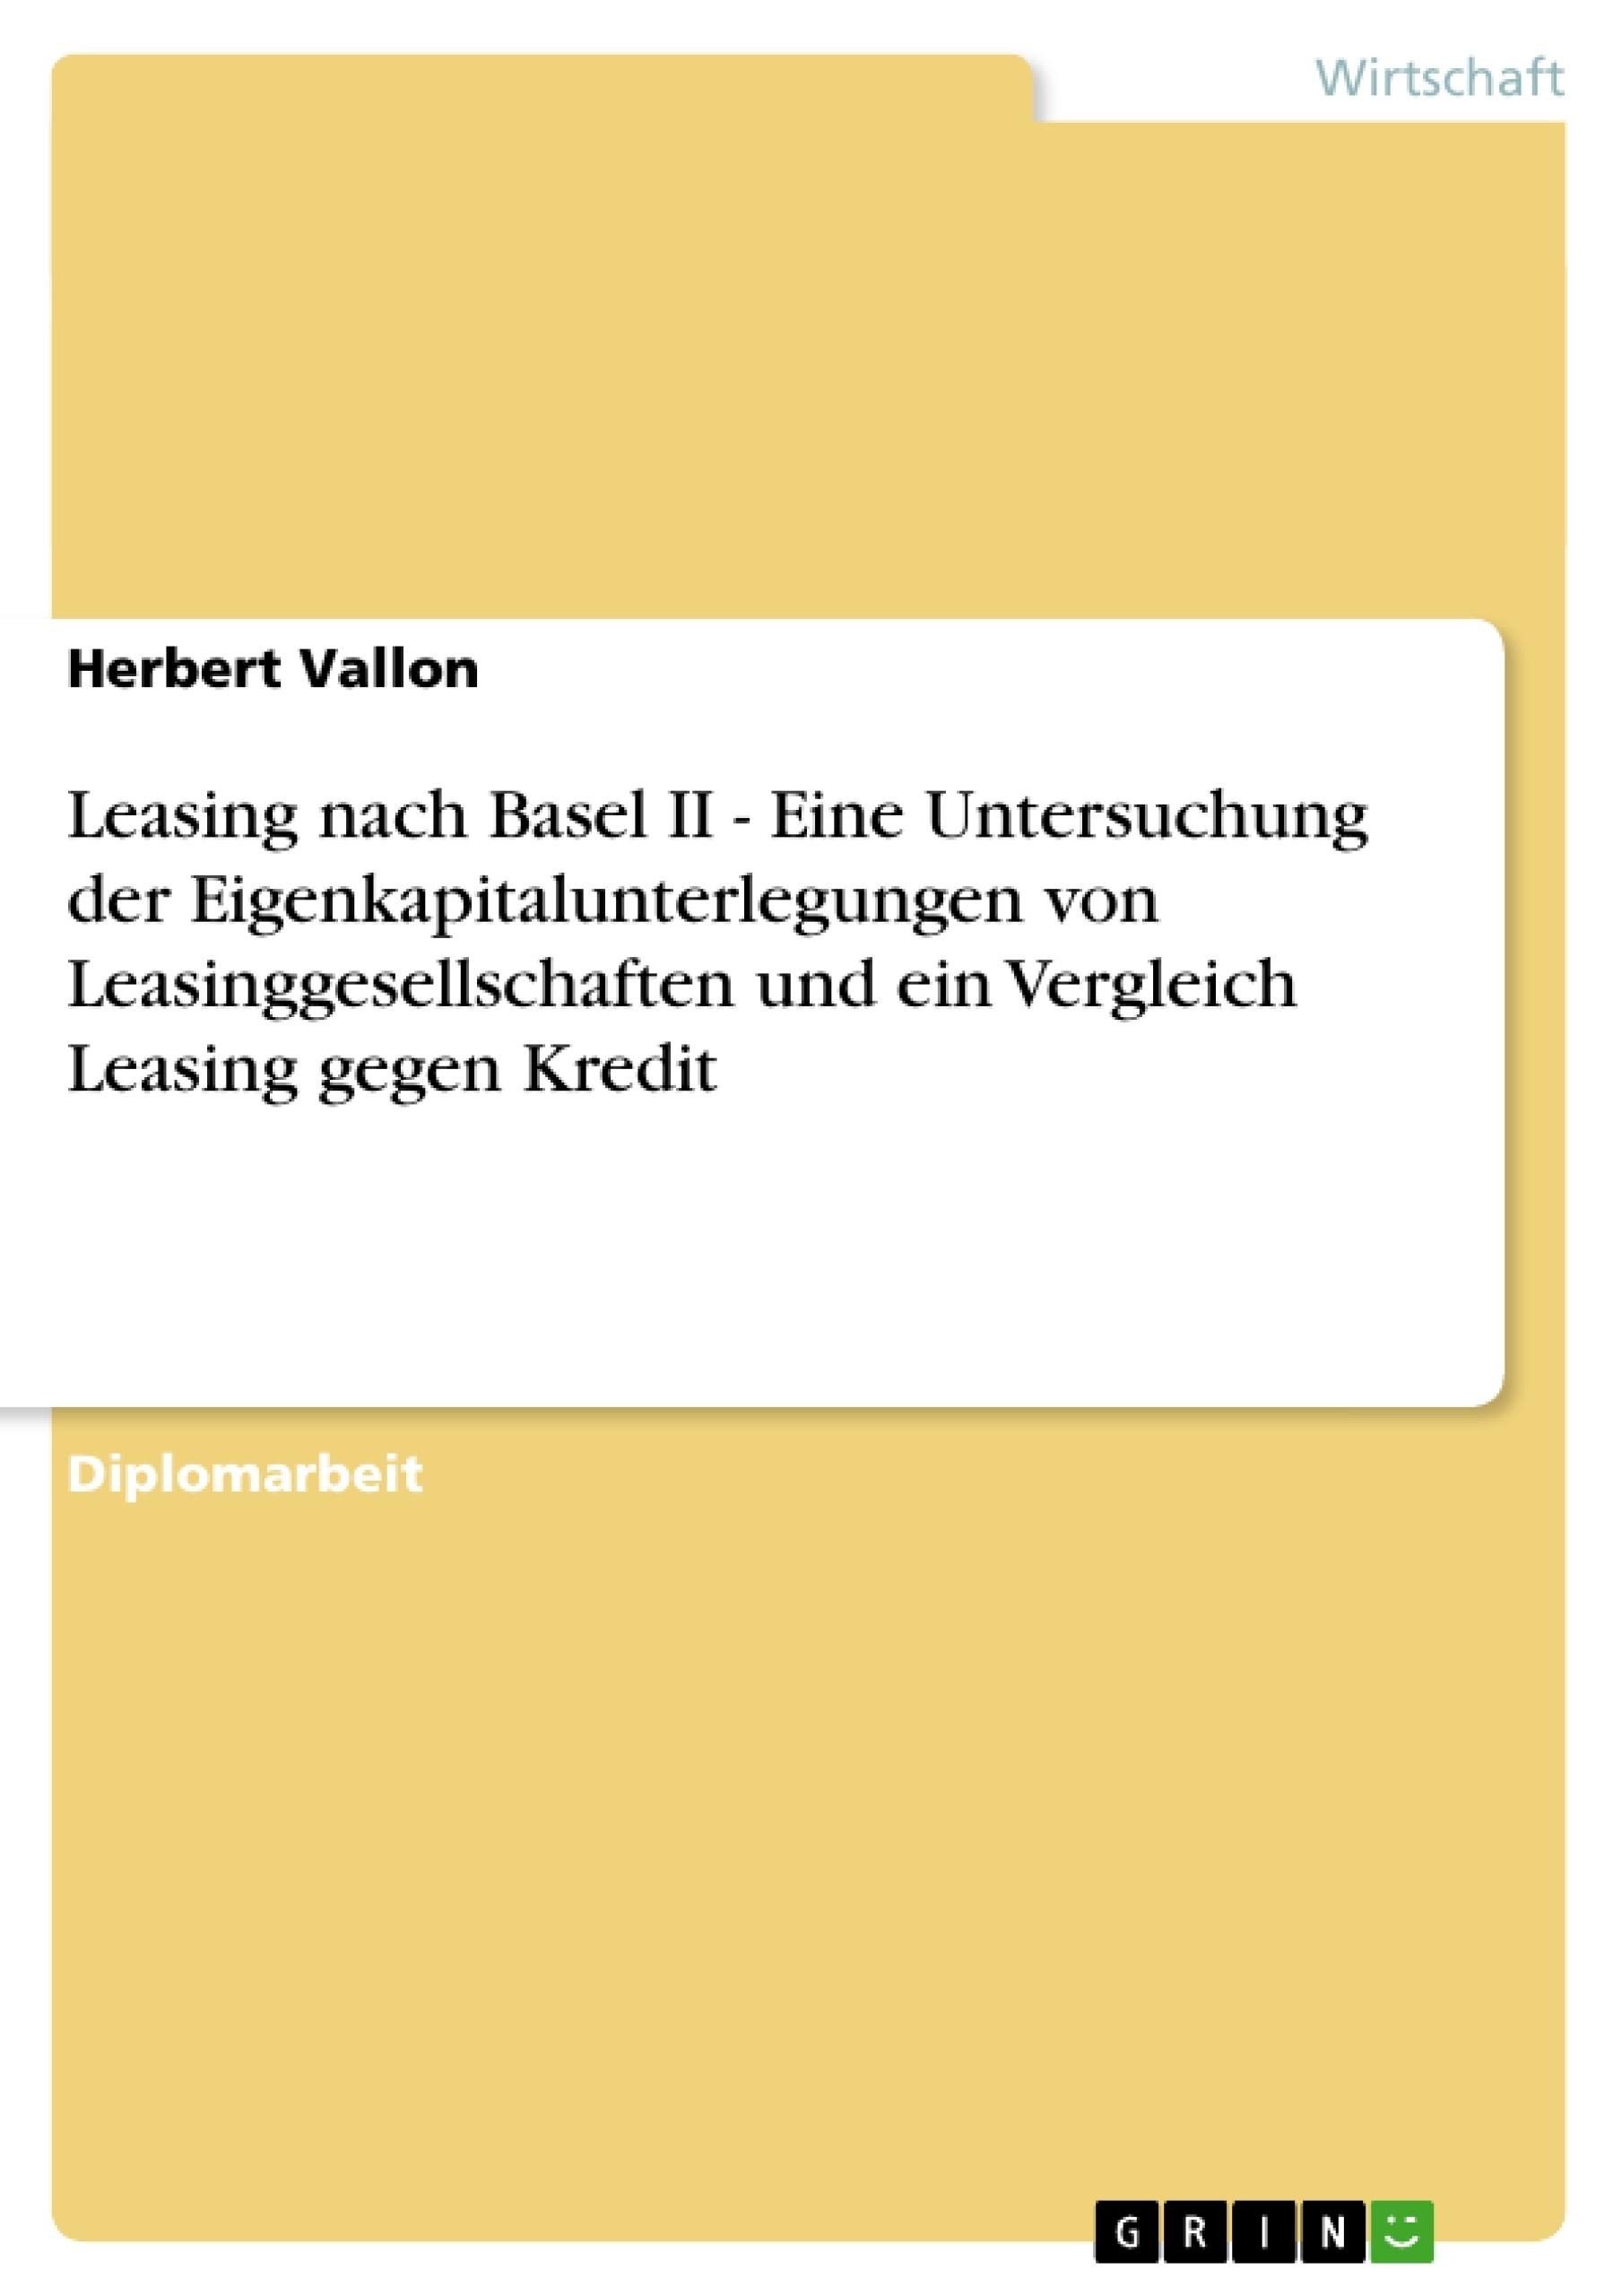 Titel: Leasing nach Basel II - Eine Untersuchung der Eigenkapitalunterlegungen von Leasinggesellschaften und ein Vergleich Leasing gegen Kredit